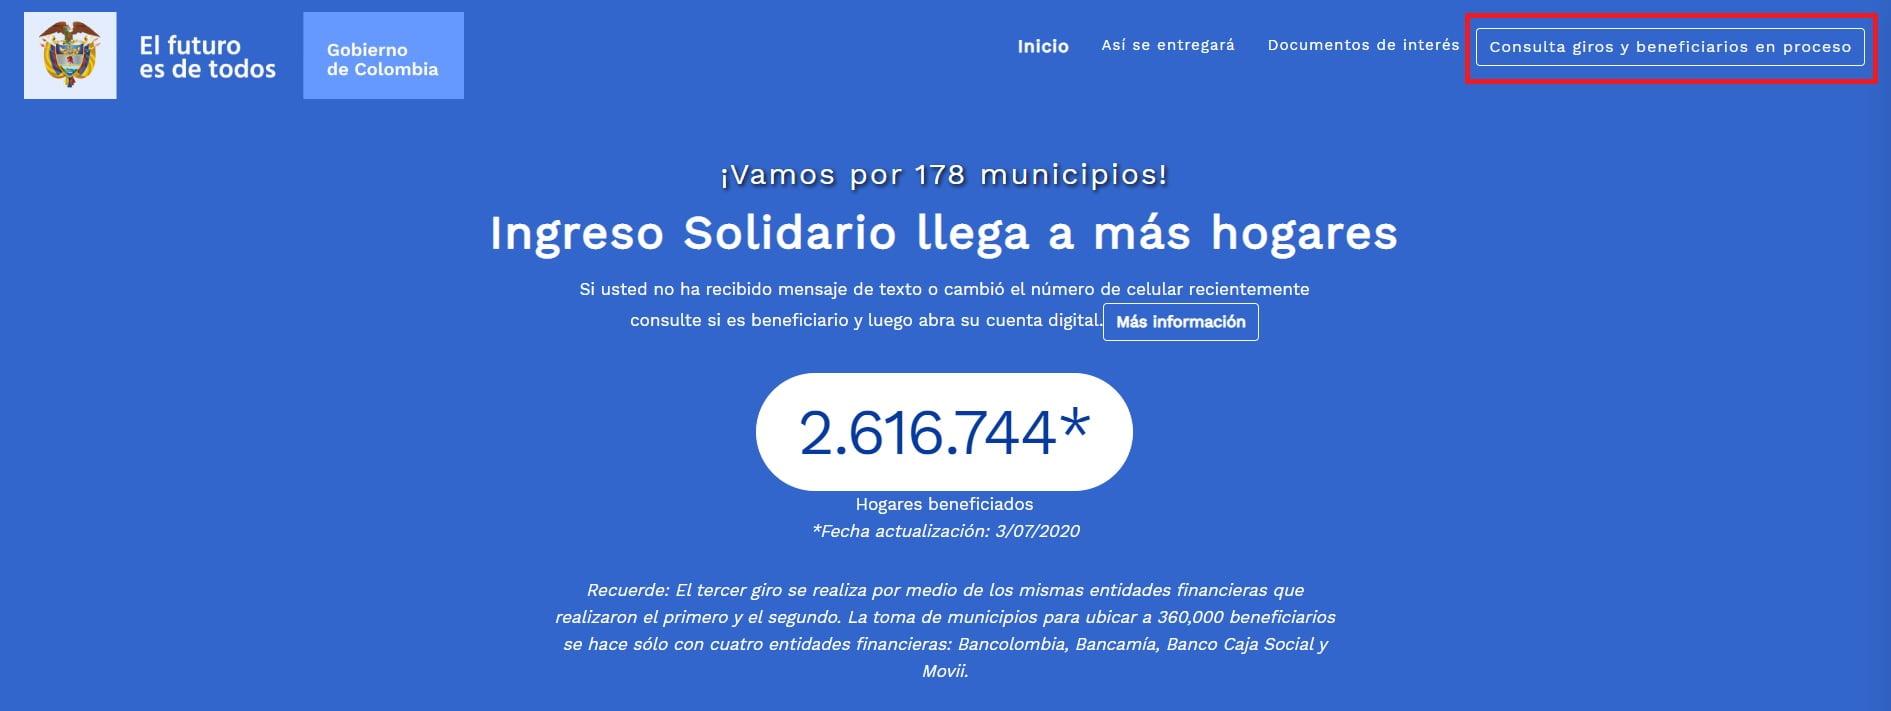 consultar ingreso solidario prosperidad social colombia